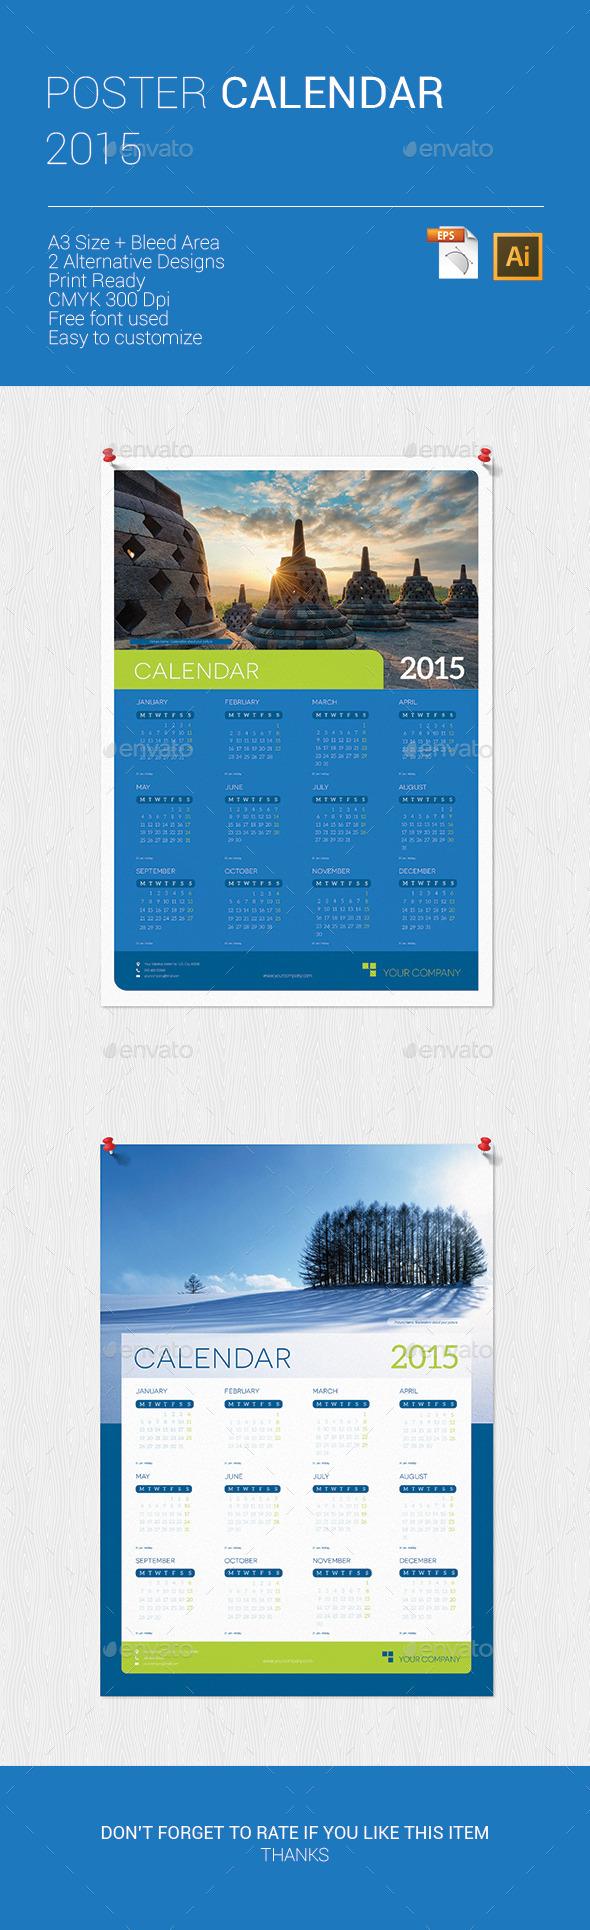 GraphicRiver Poster Calendar 2015 9671495